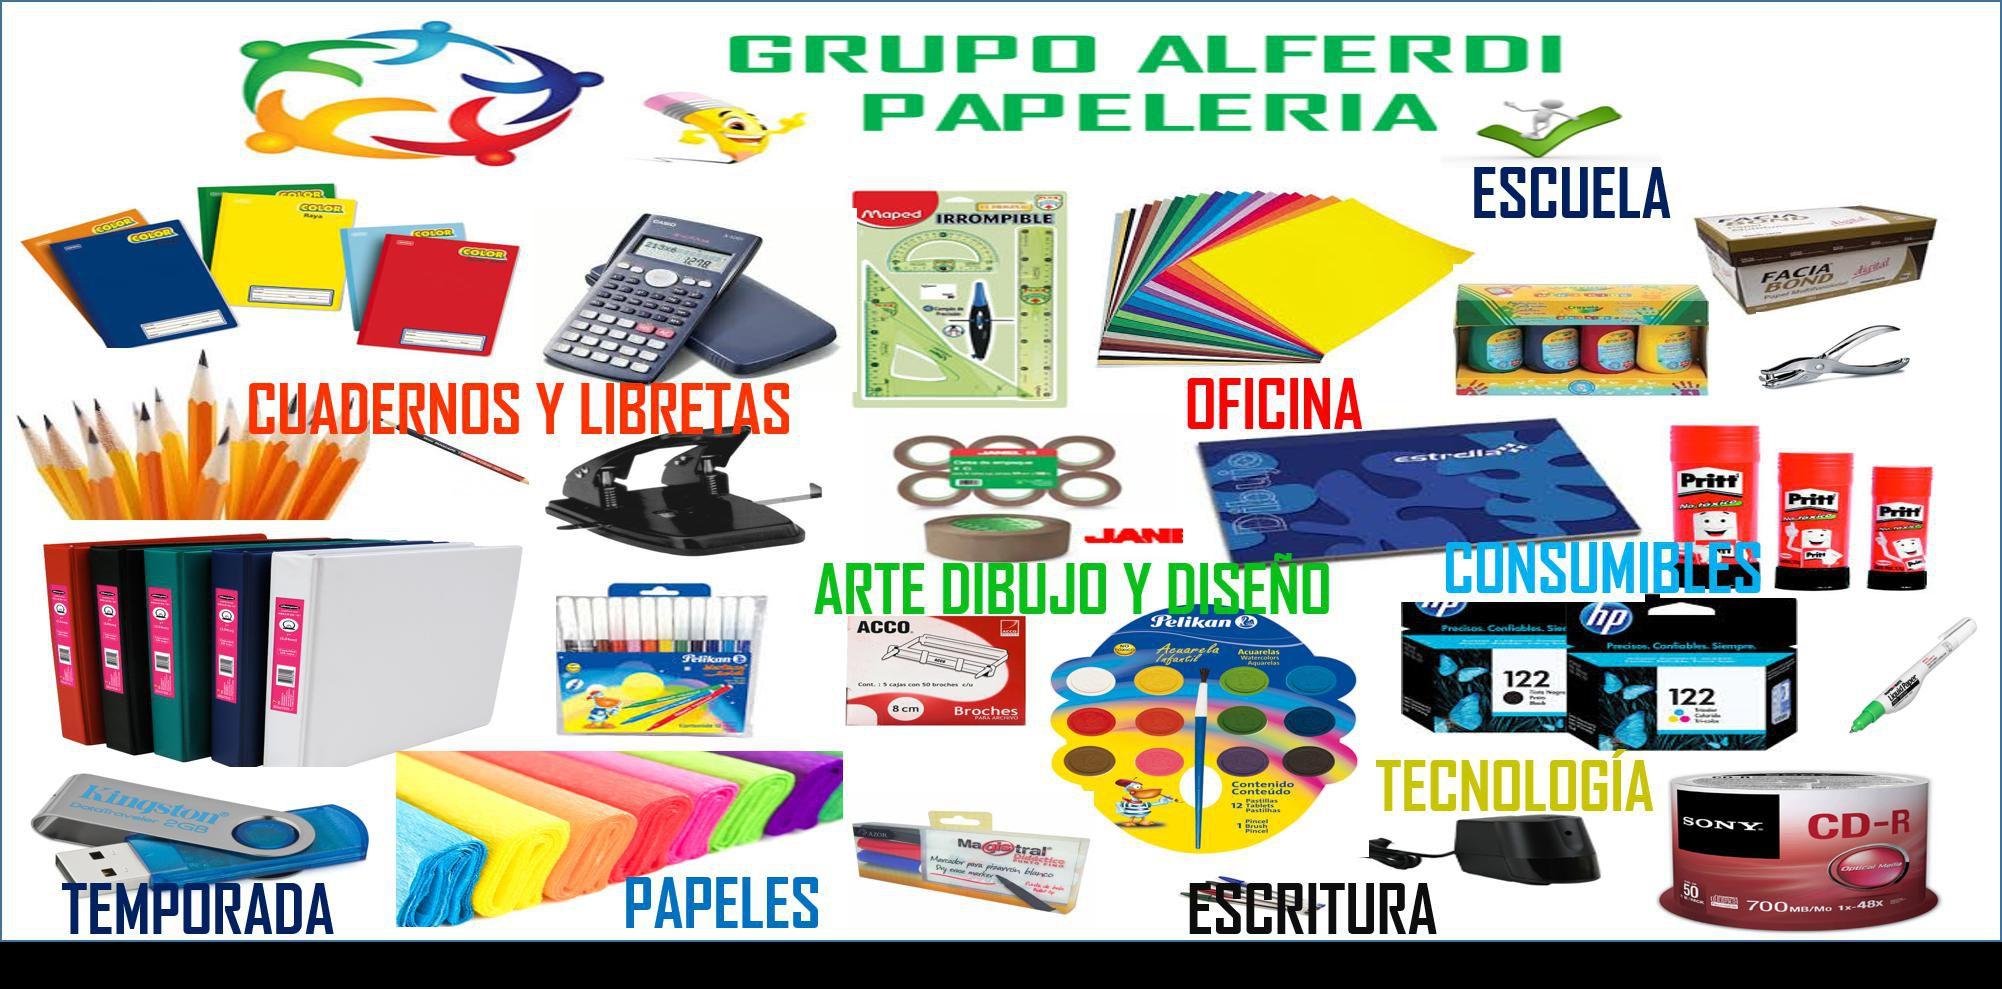 Grupo alferdi papeler a cuadernos y libretas blocks for Productos de oficina